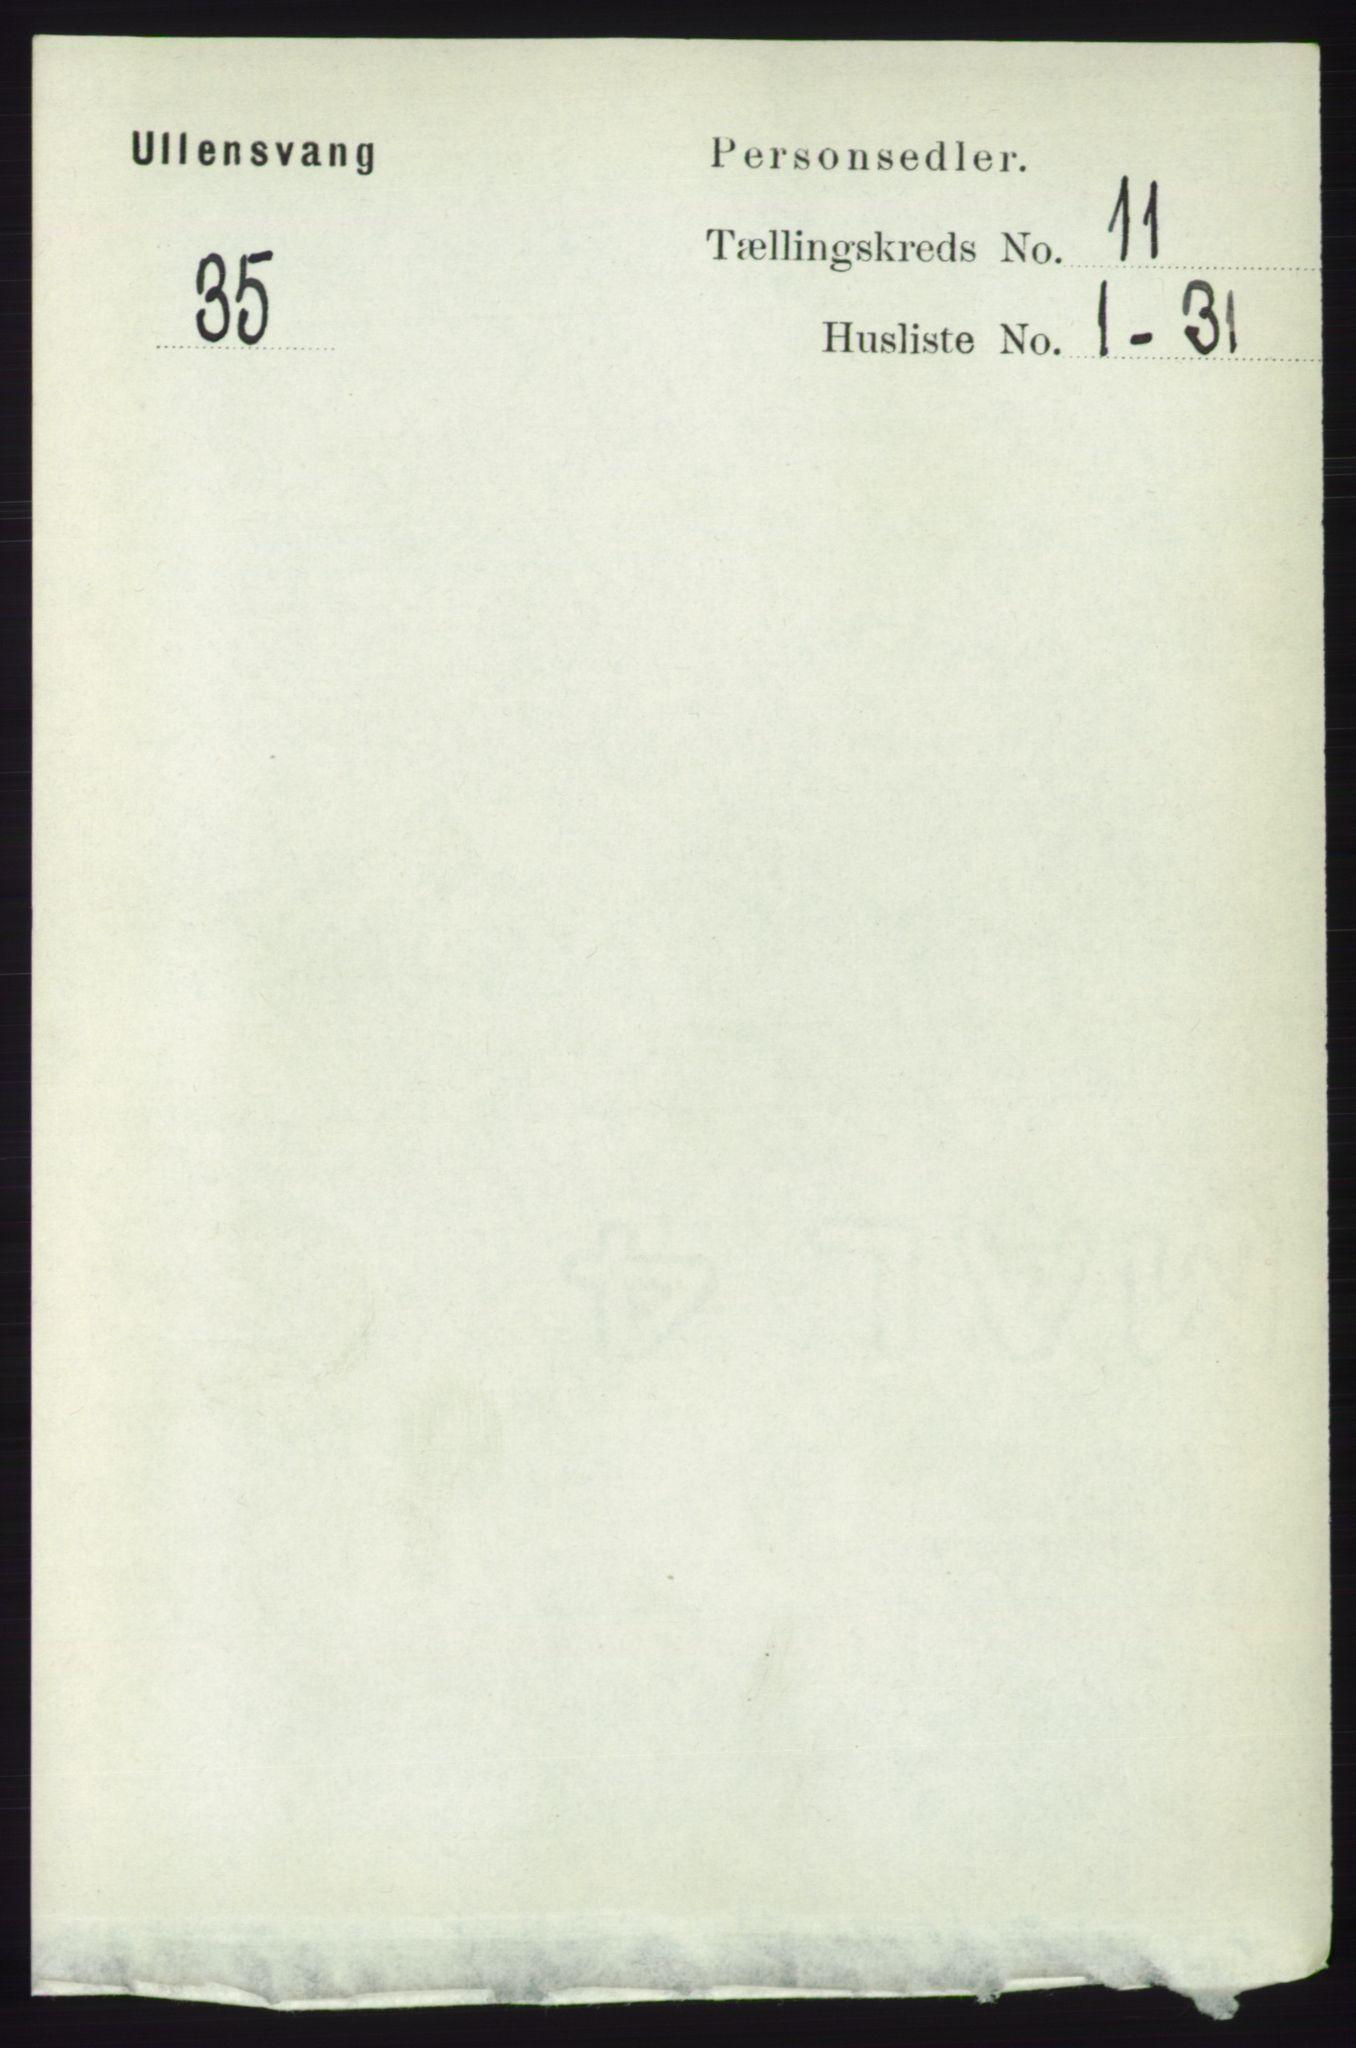 RA, Folketelling 1891 for 1230 Ullensvang herred, 1891, s. 4262